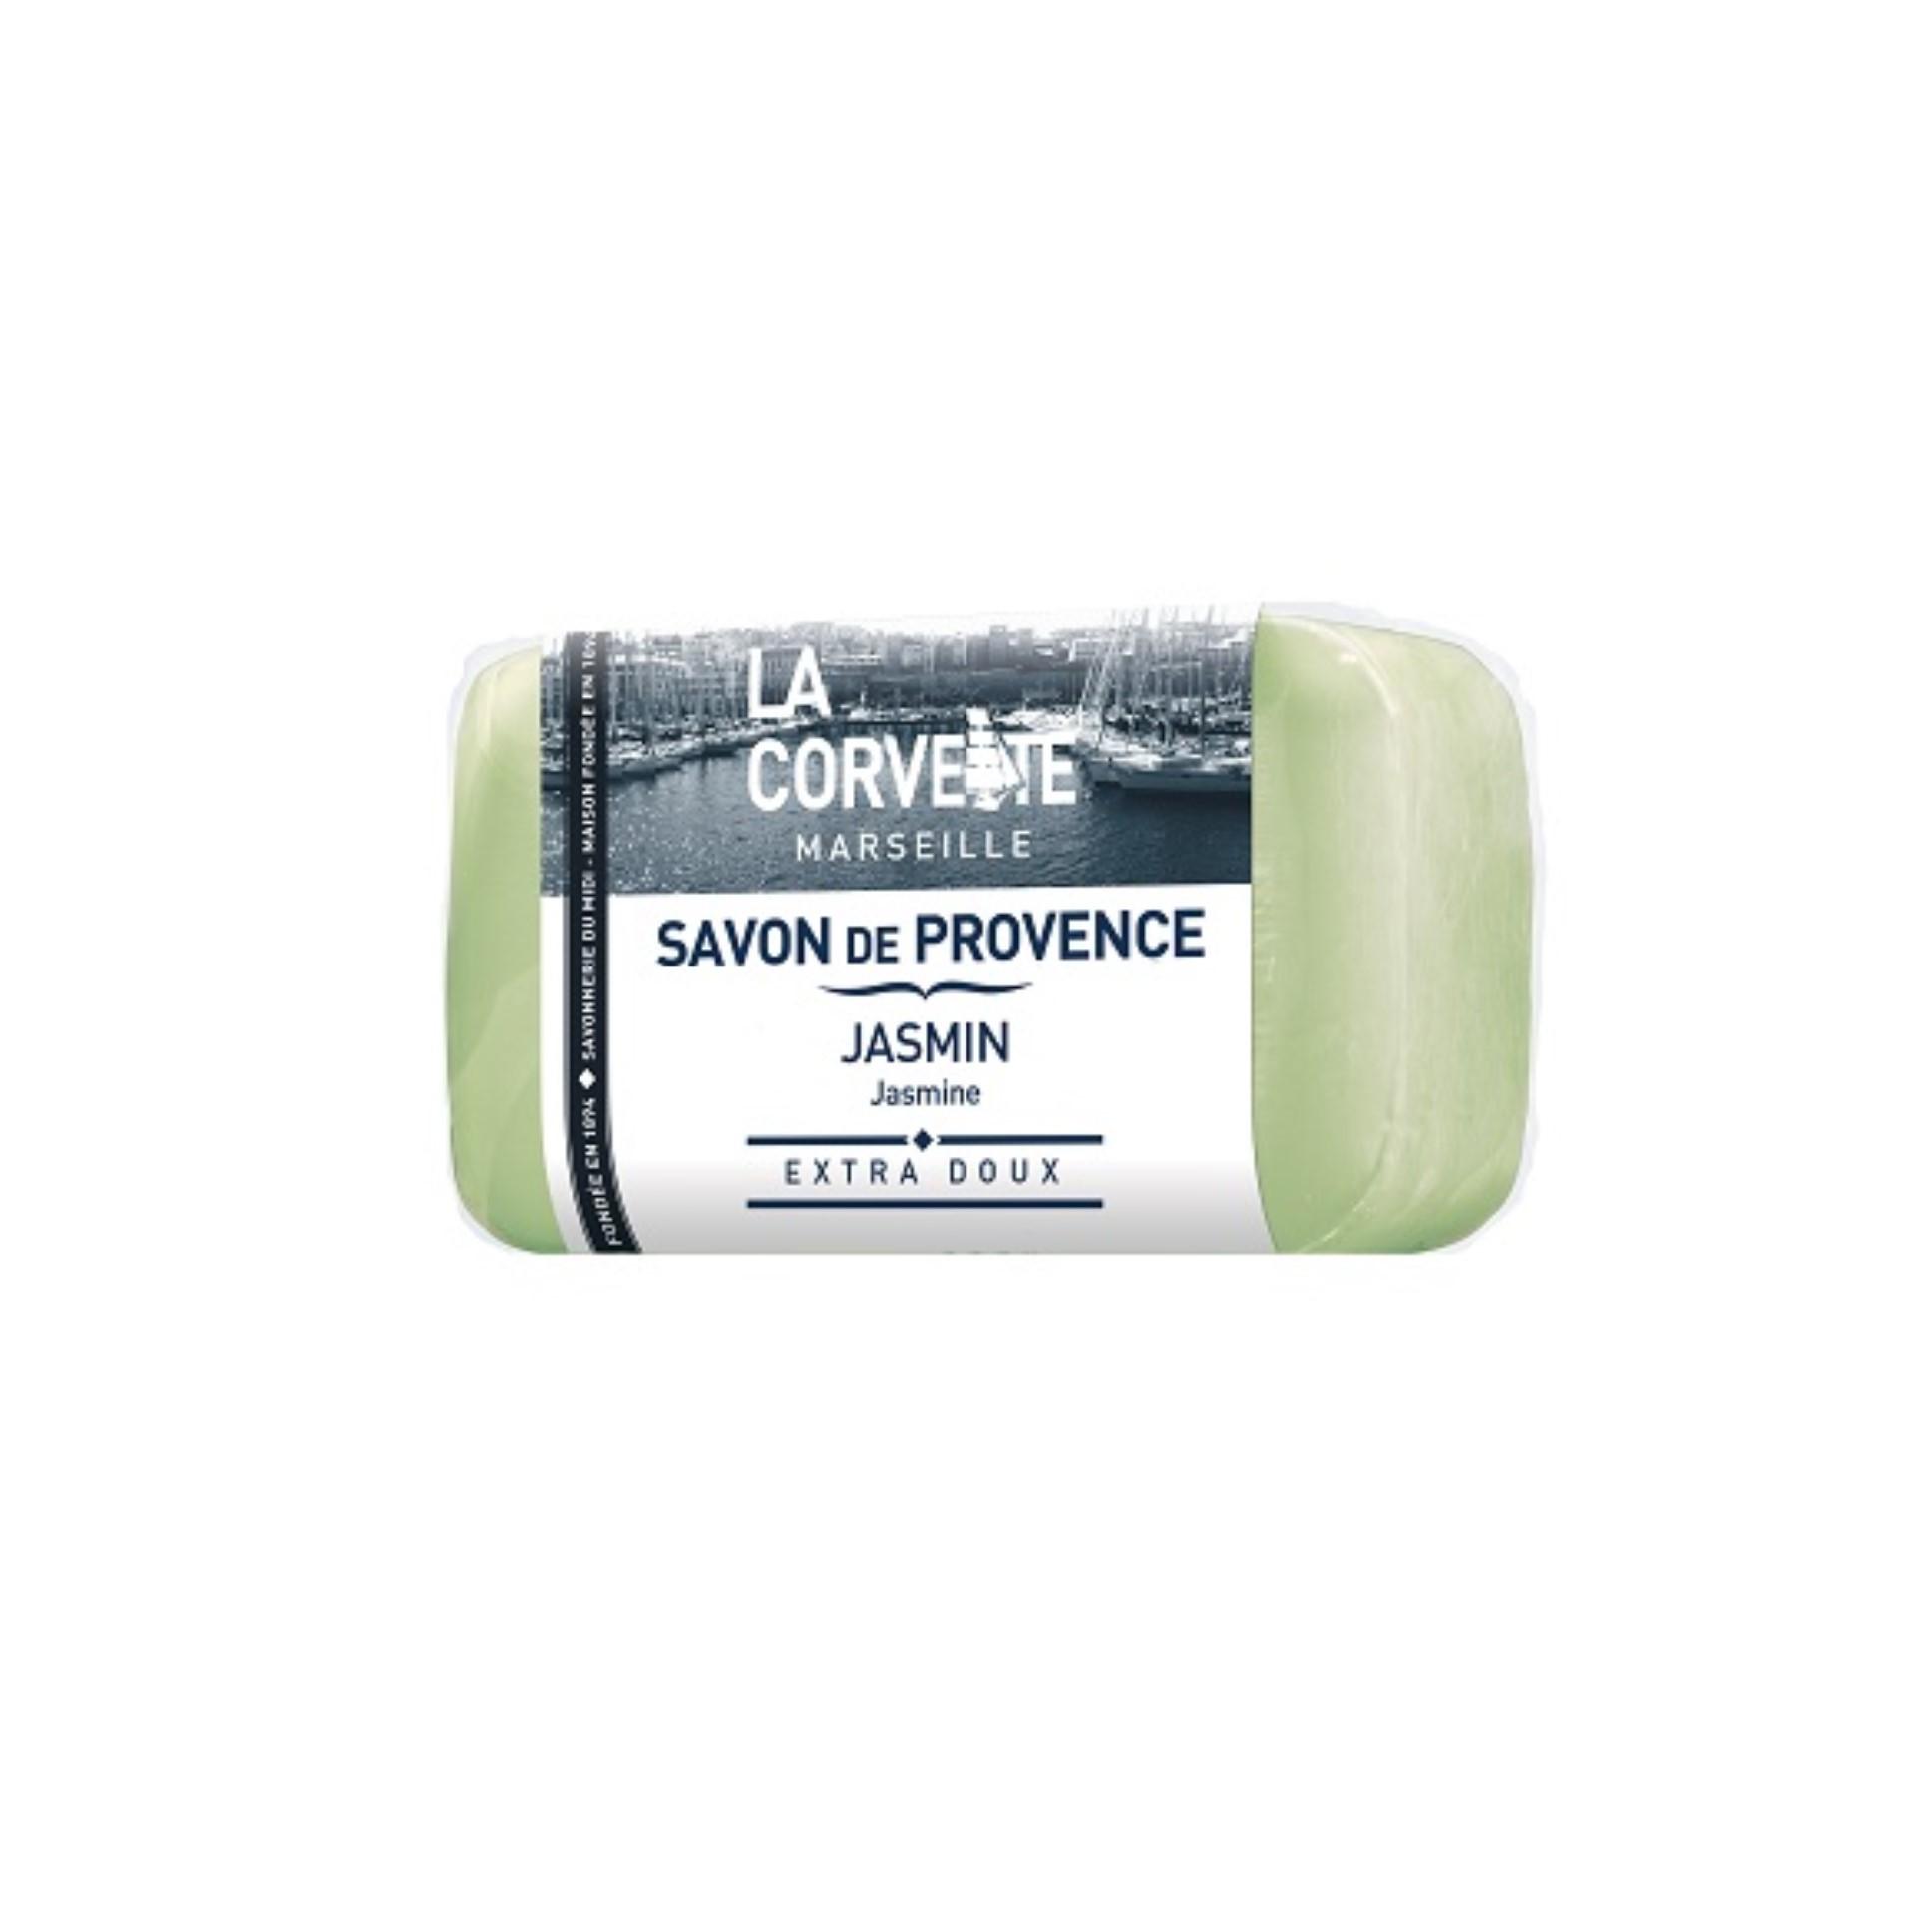 LA CORVETTE Мыло туалетное прованское Жасмин 100 г - Мыла